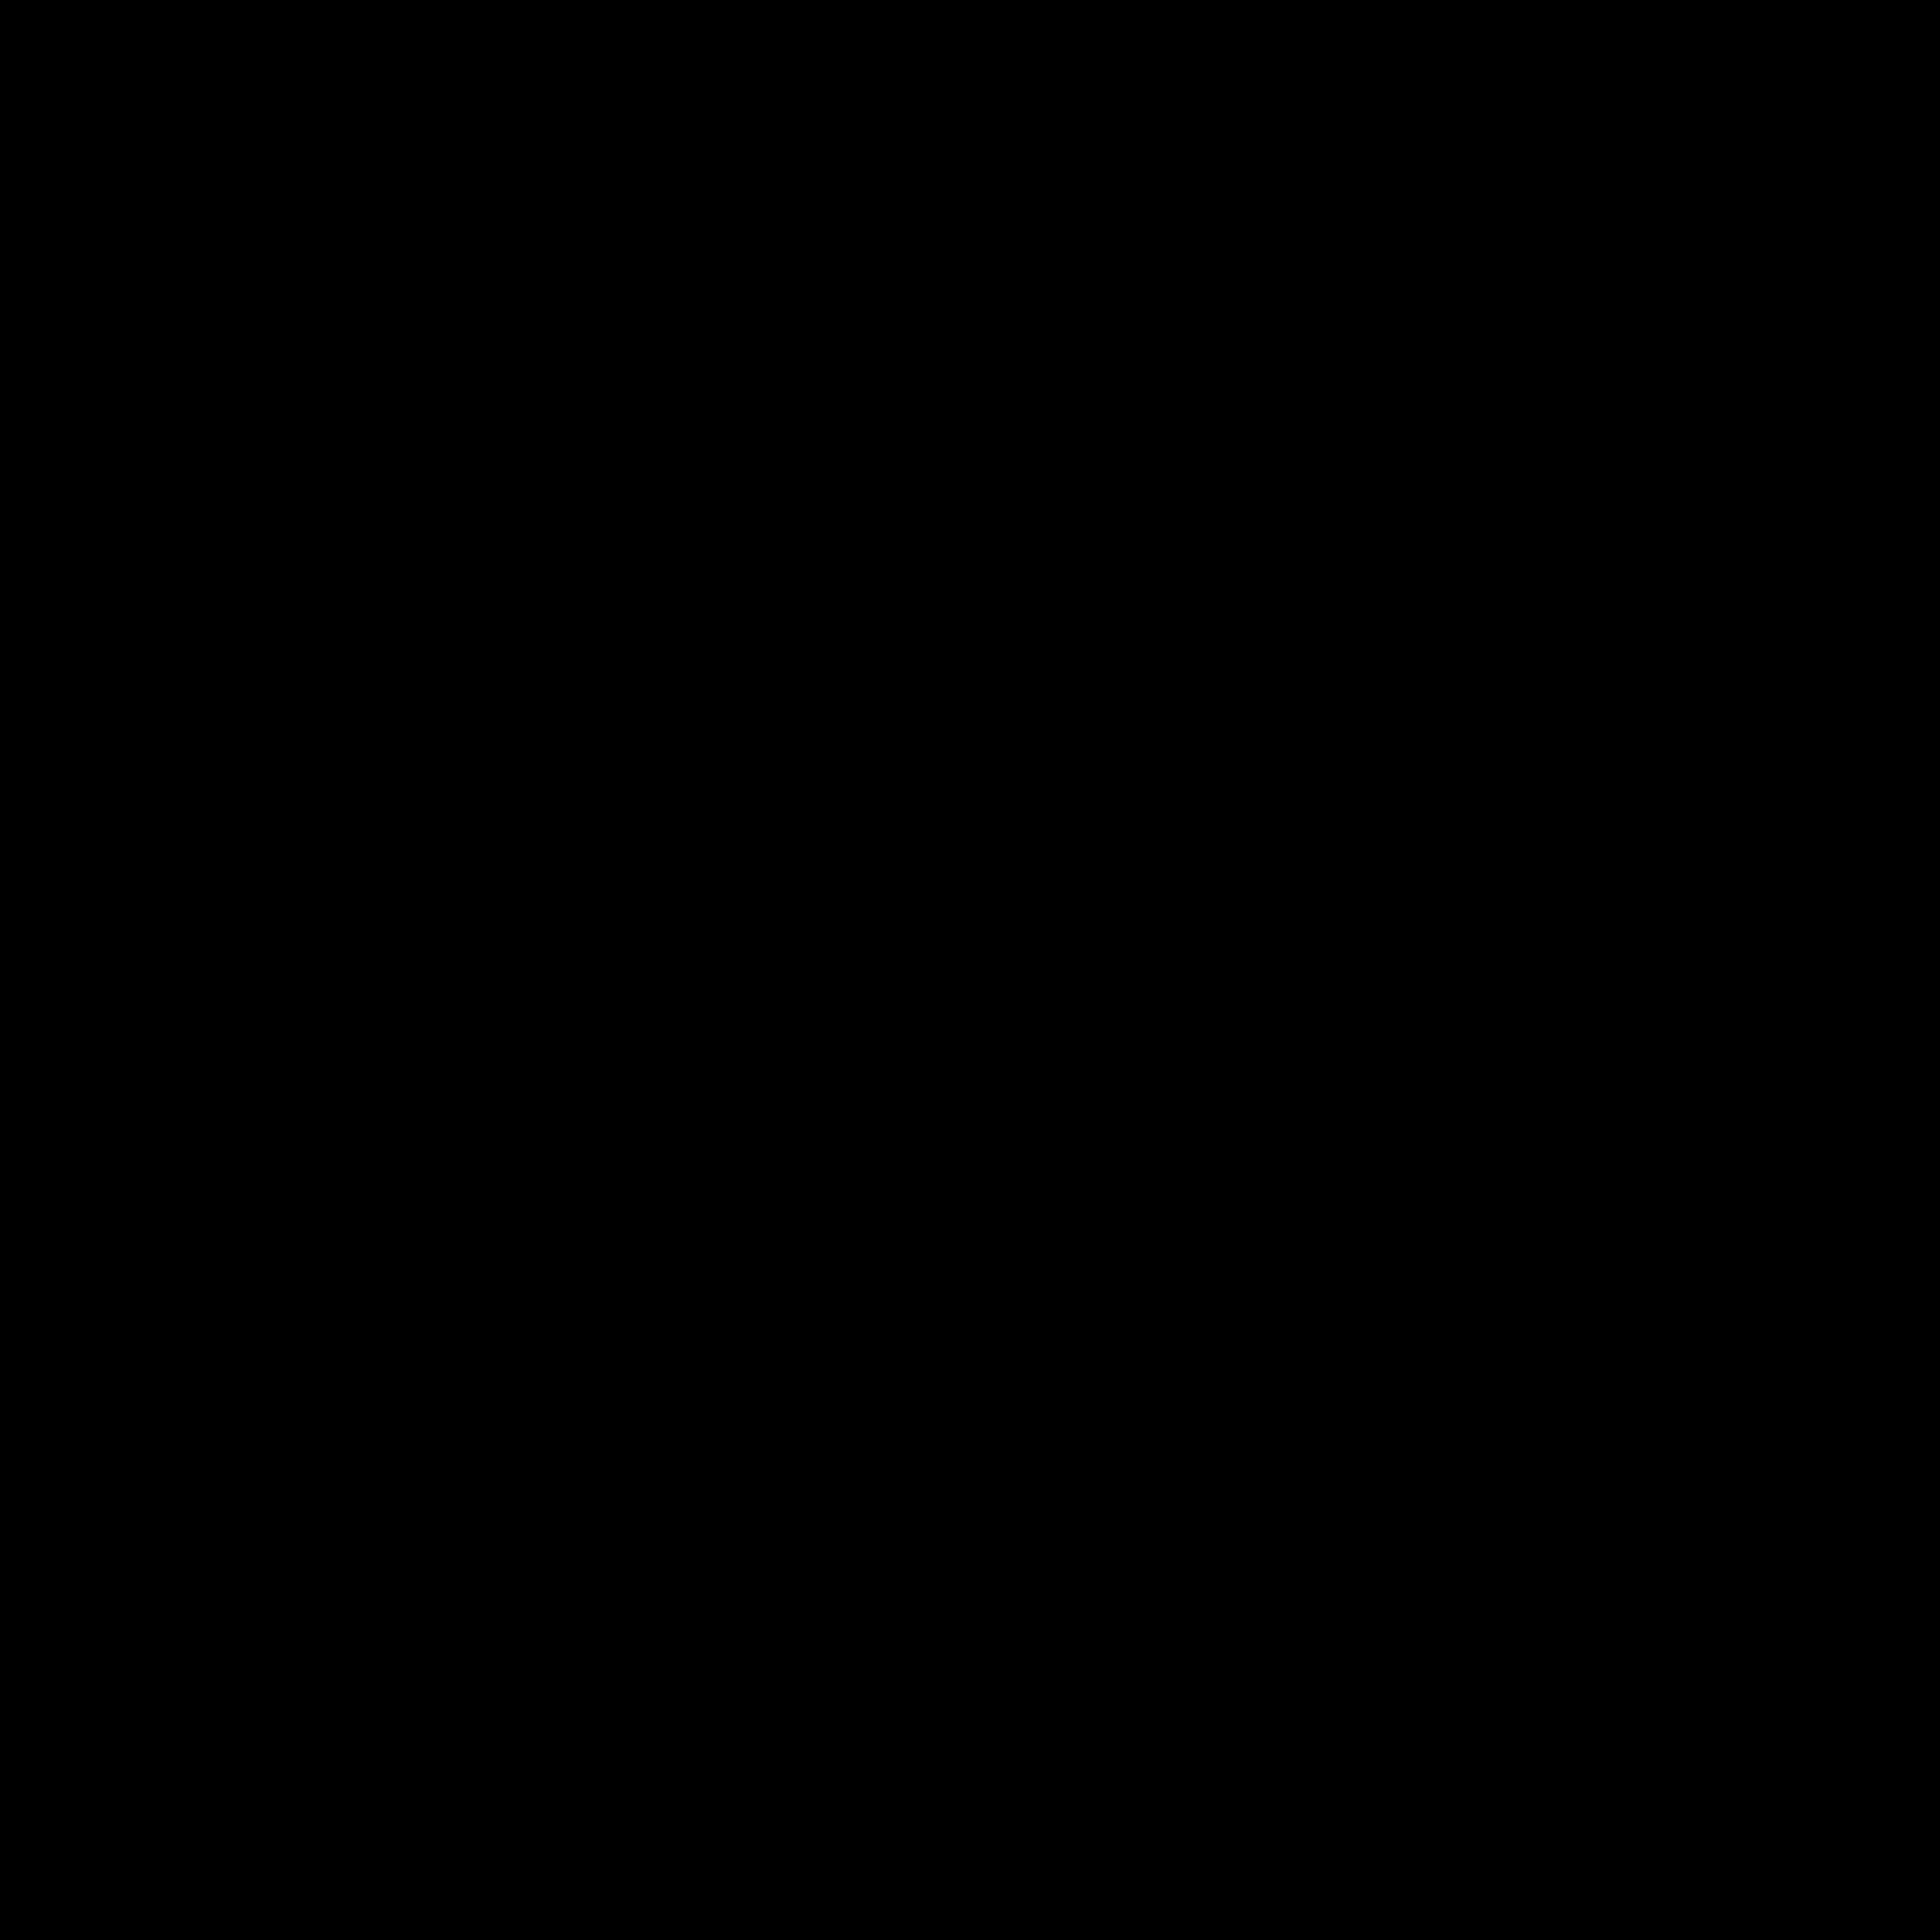 motown-1-logo-png-transparent.png